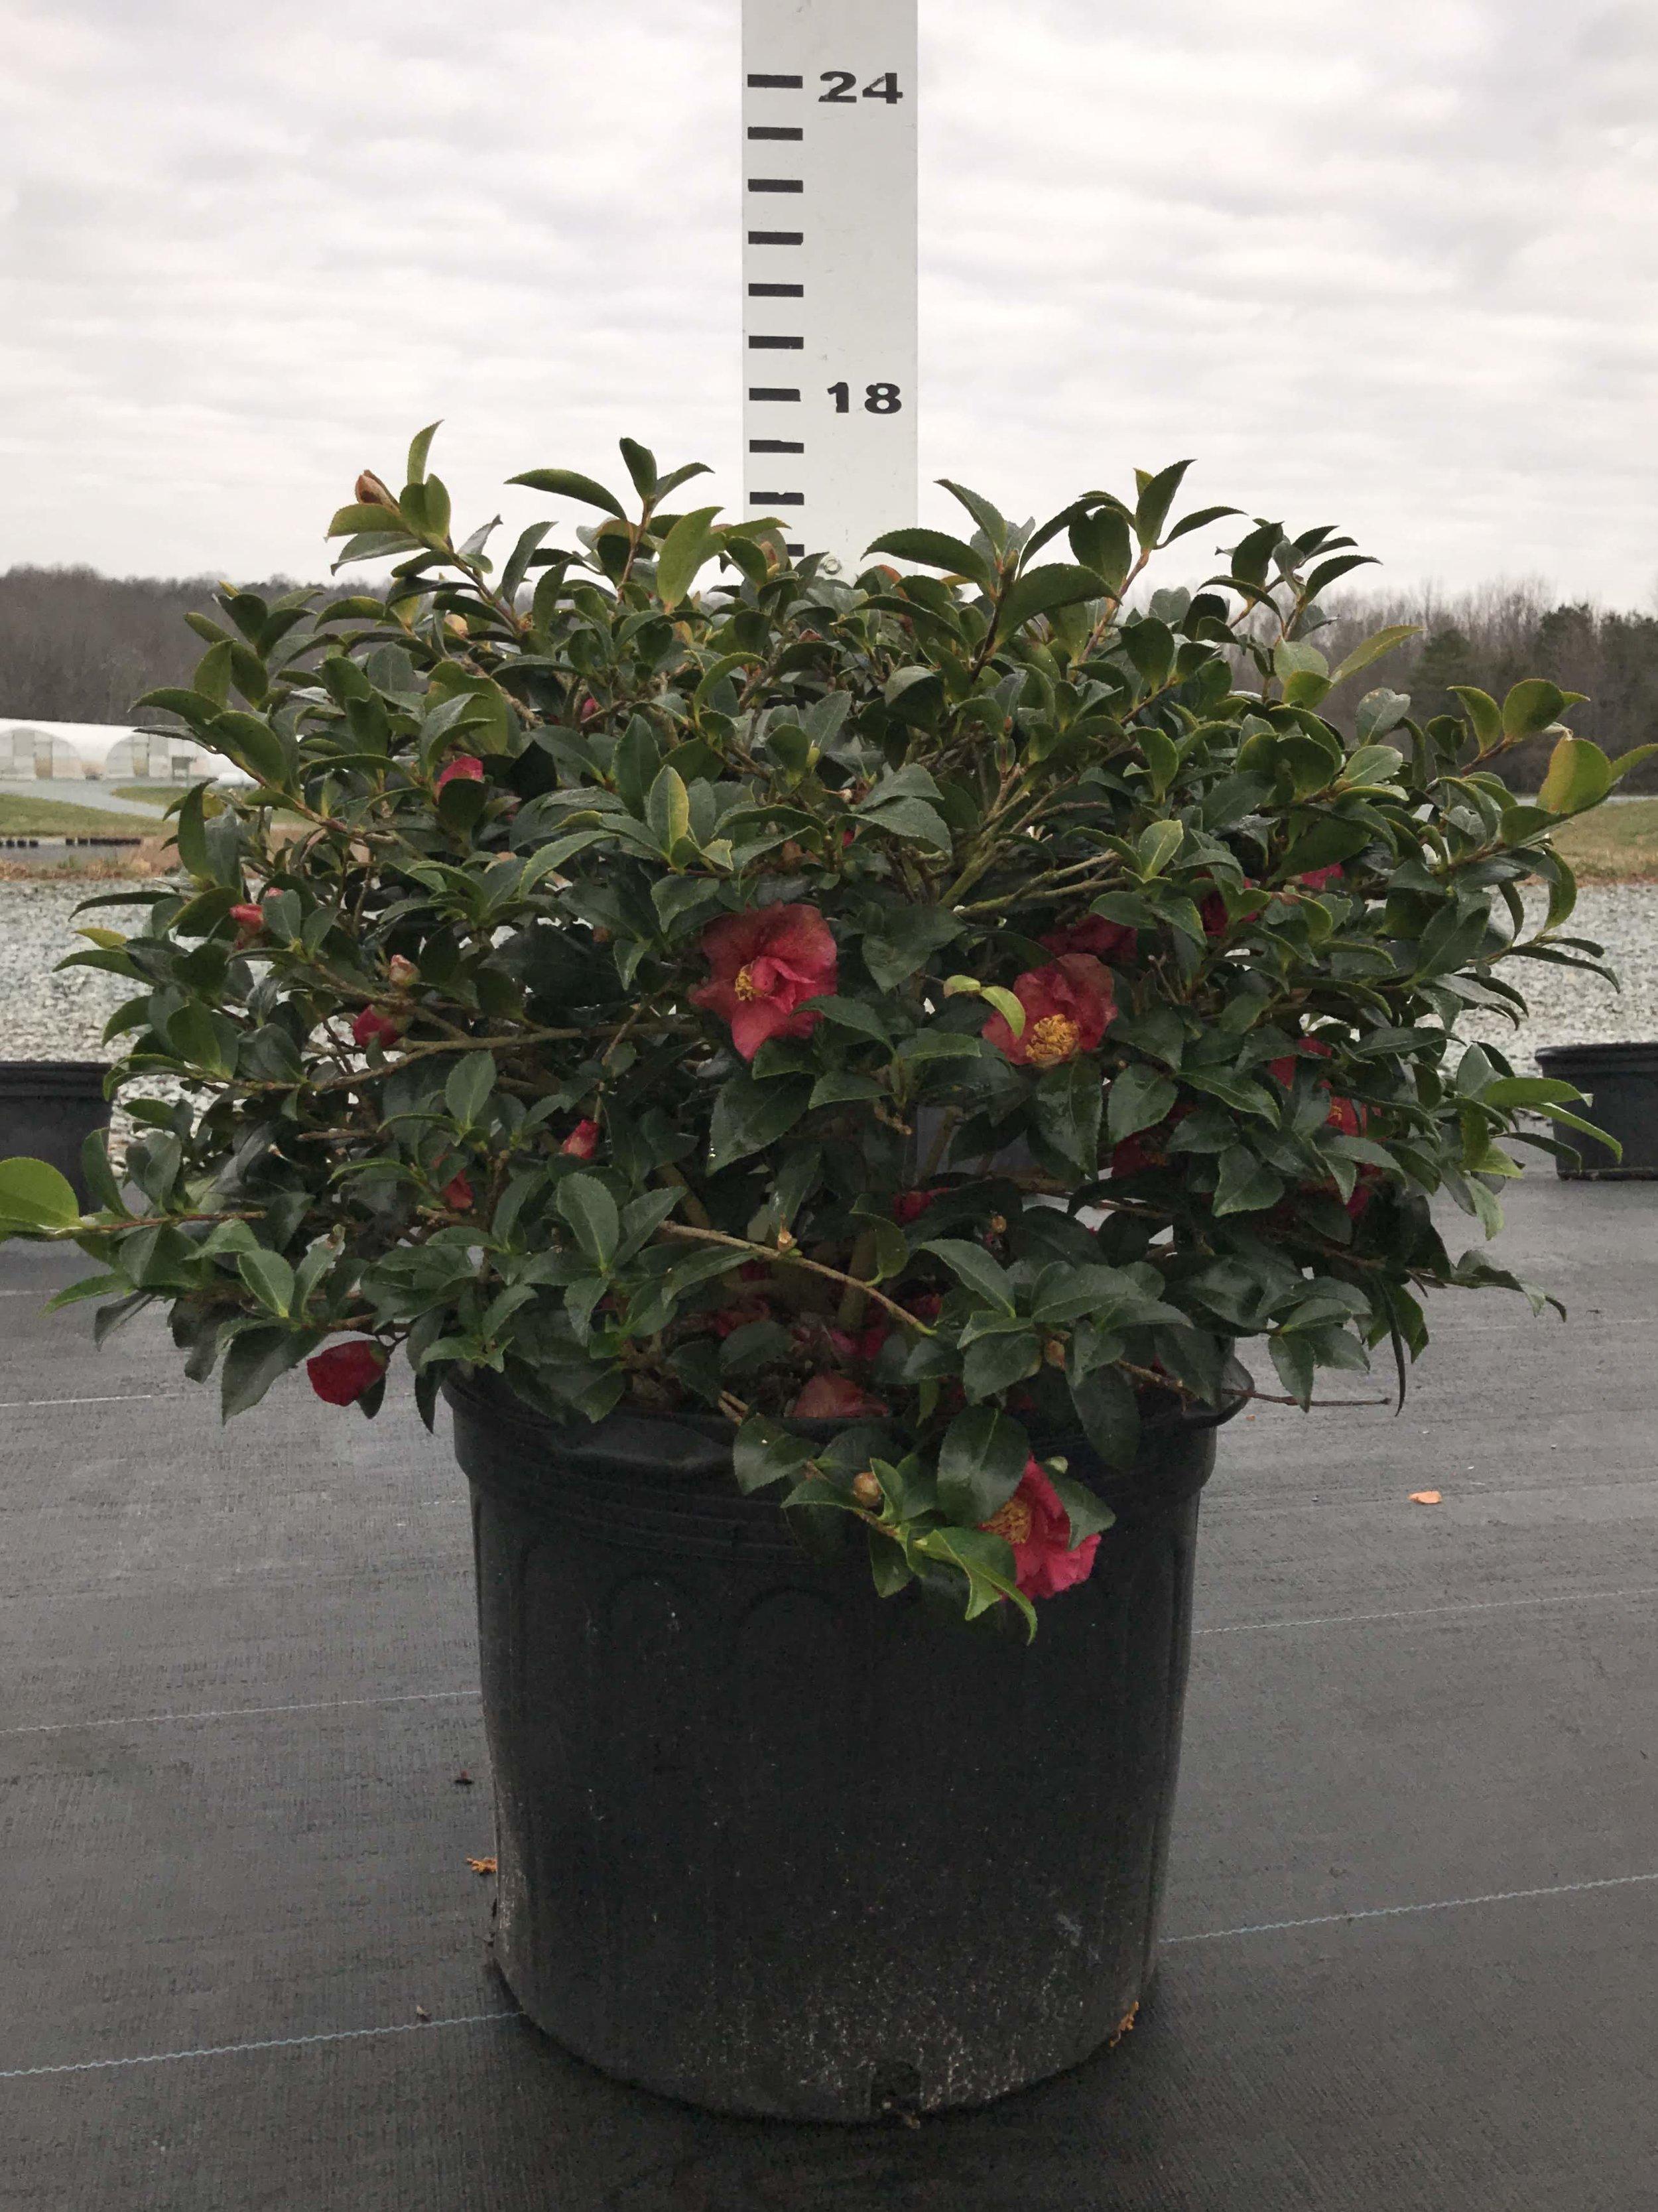 Camellia sasanqua 'Hot Flash' 7g overstock